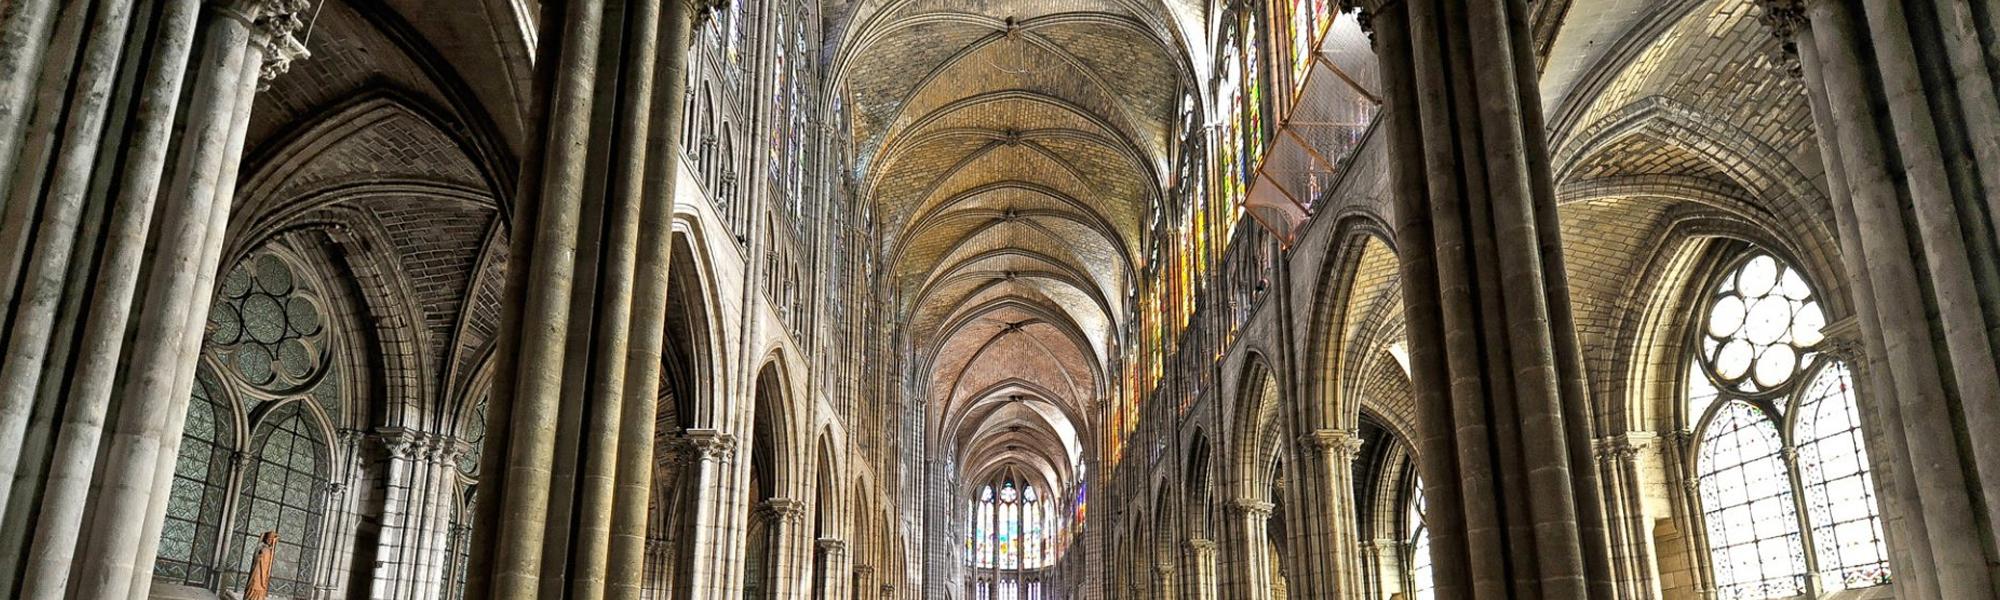 Cathédrale-Basilique de Saint-Denis, nécropole des Rois et Reines de France.